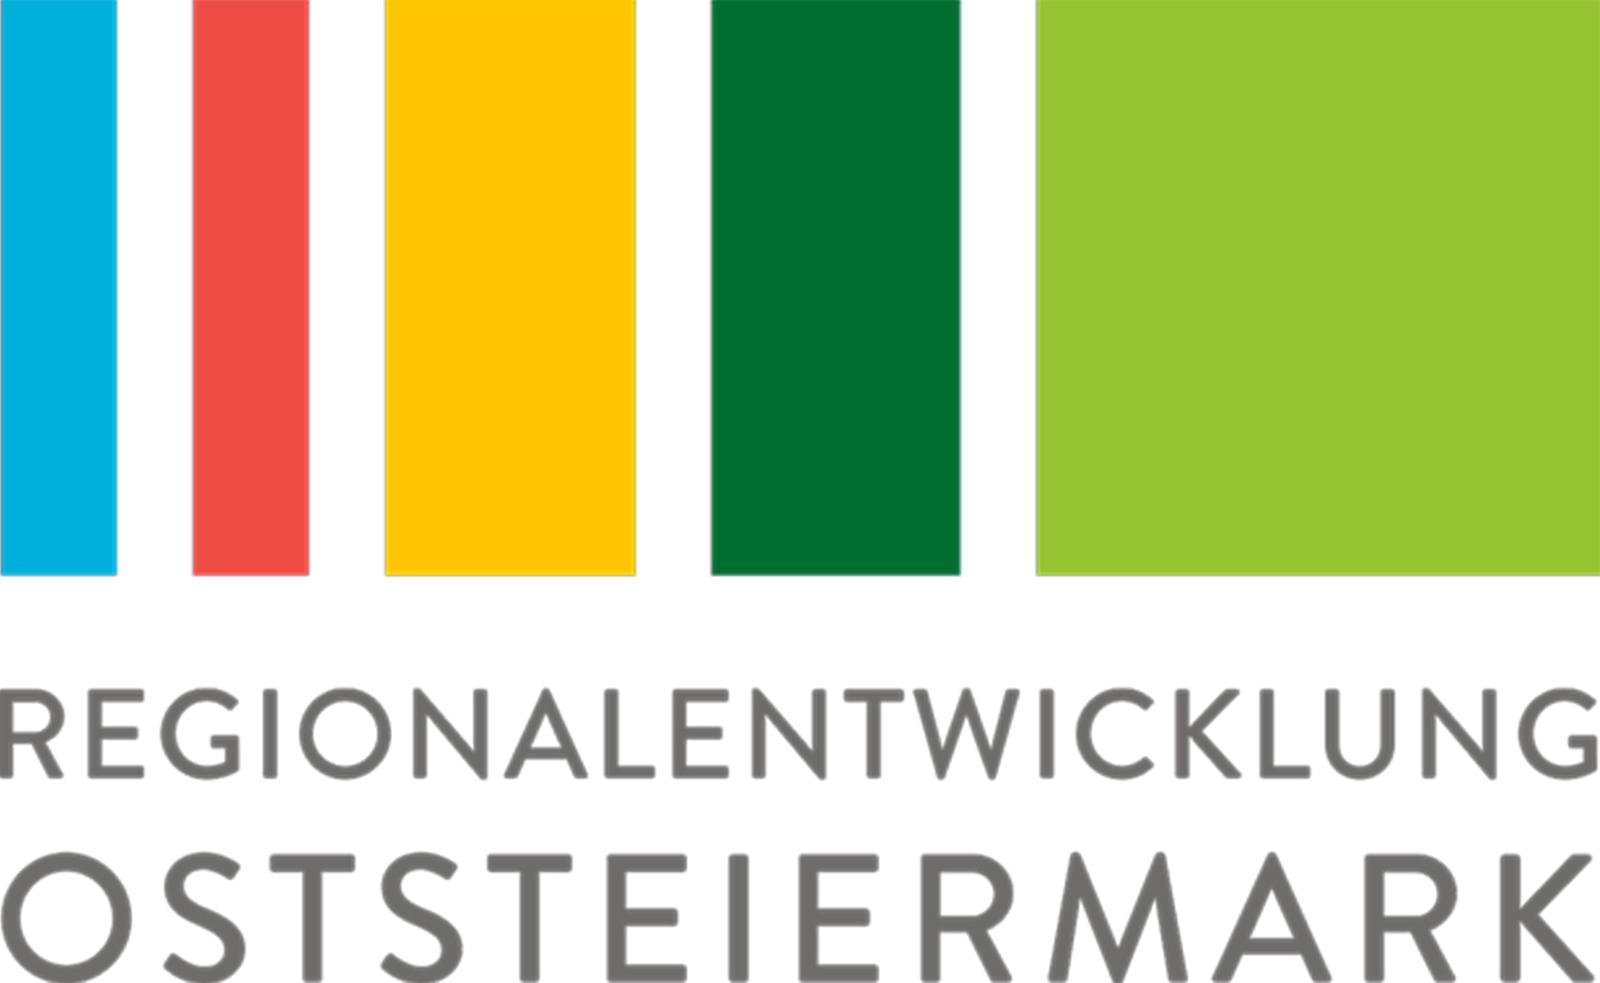 Regionalentwicklung Oststeiermark